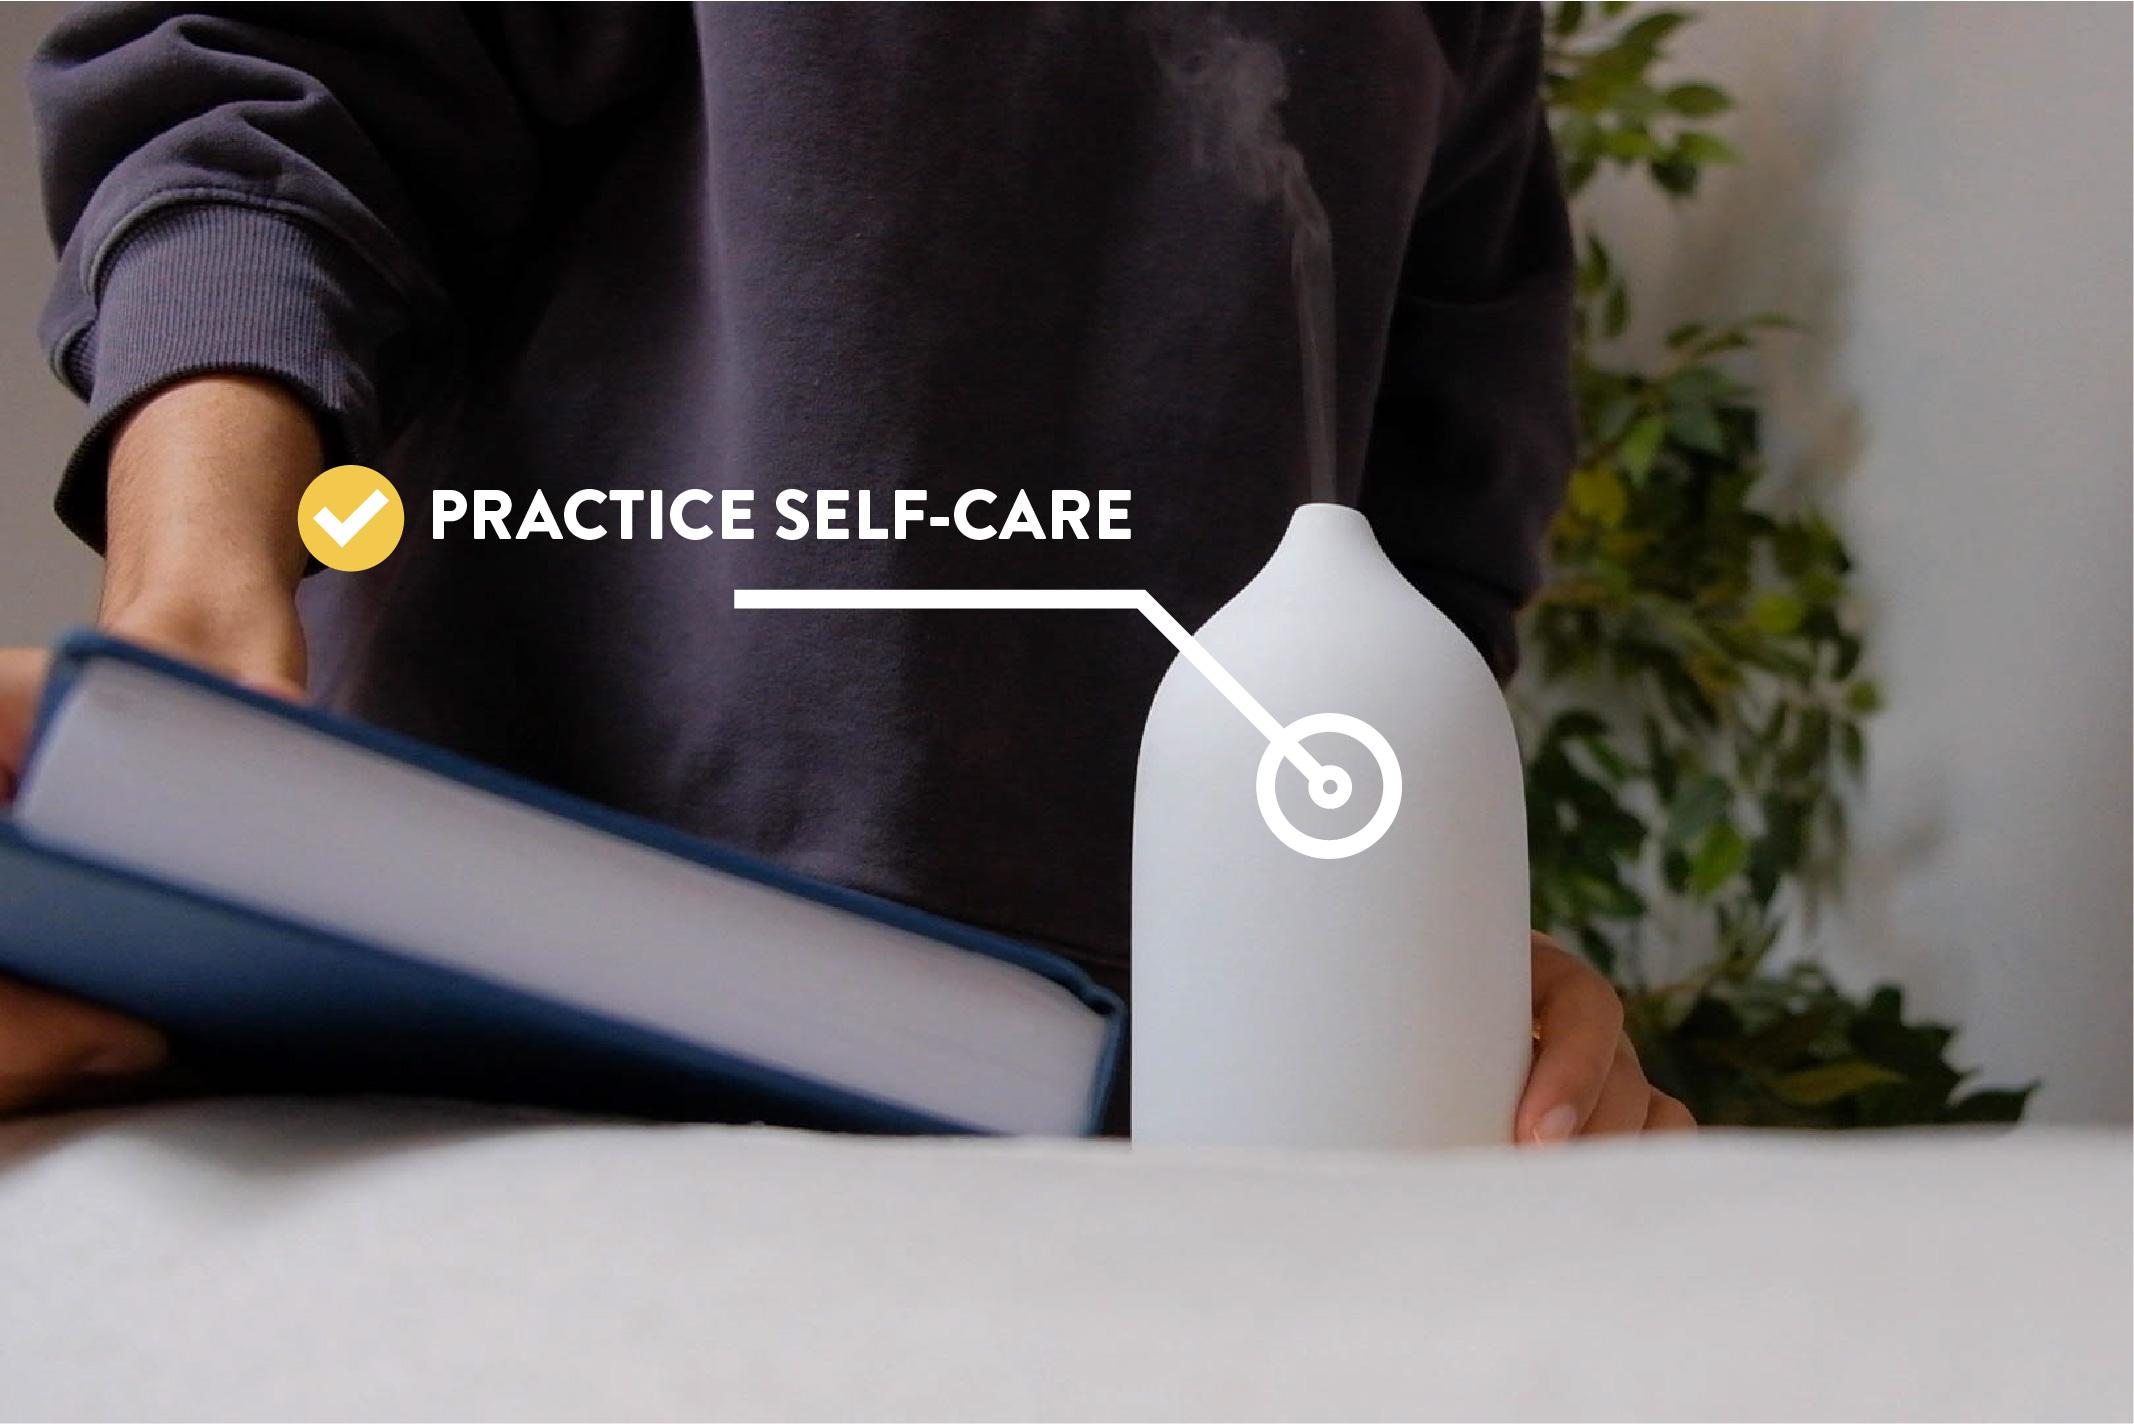 habit-coaching-trainerize-practice-self-care